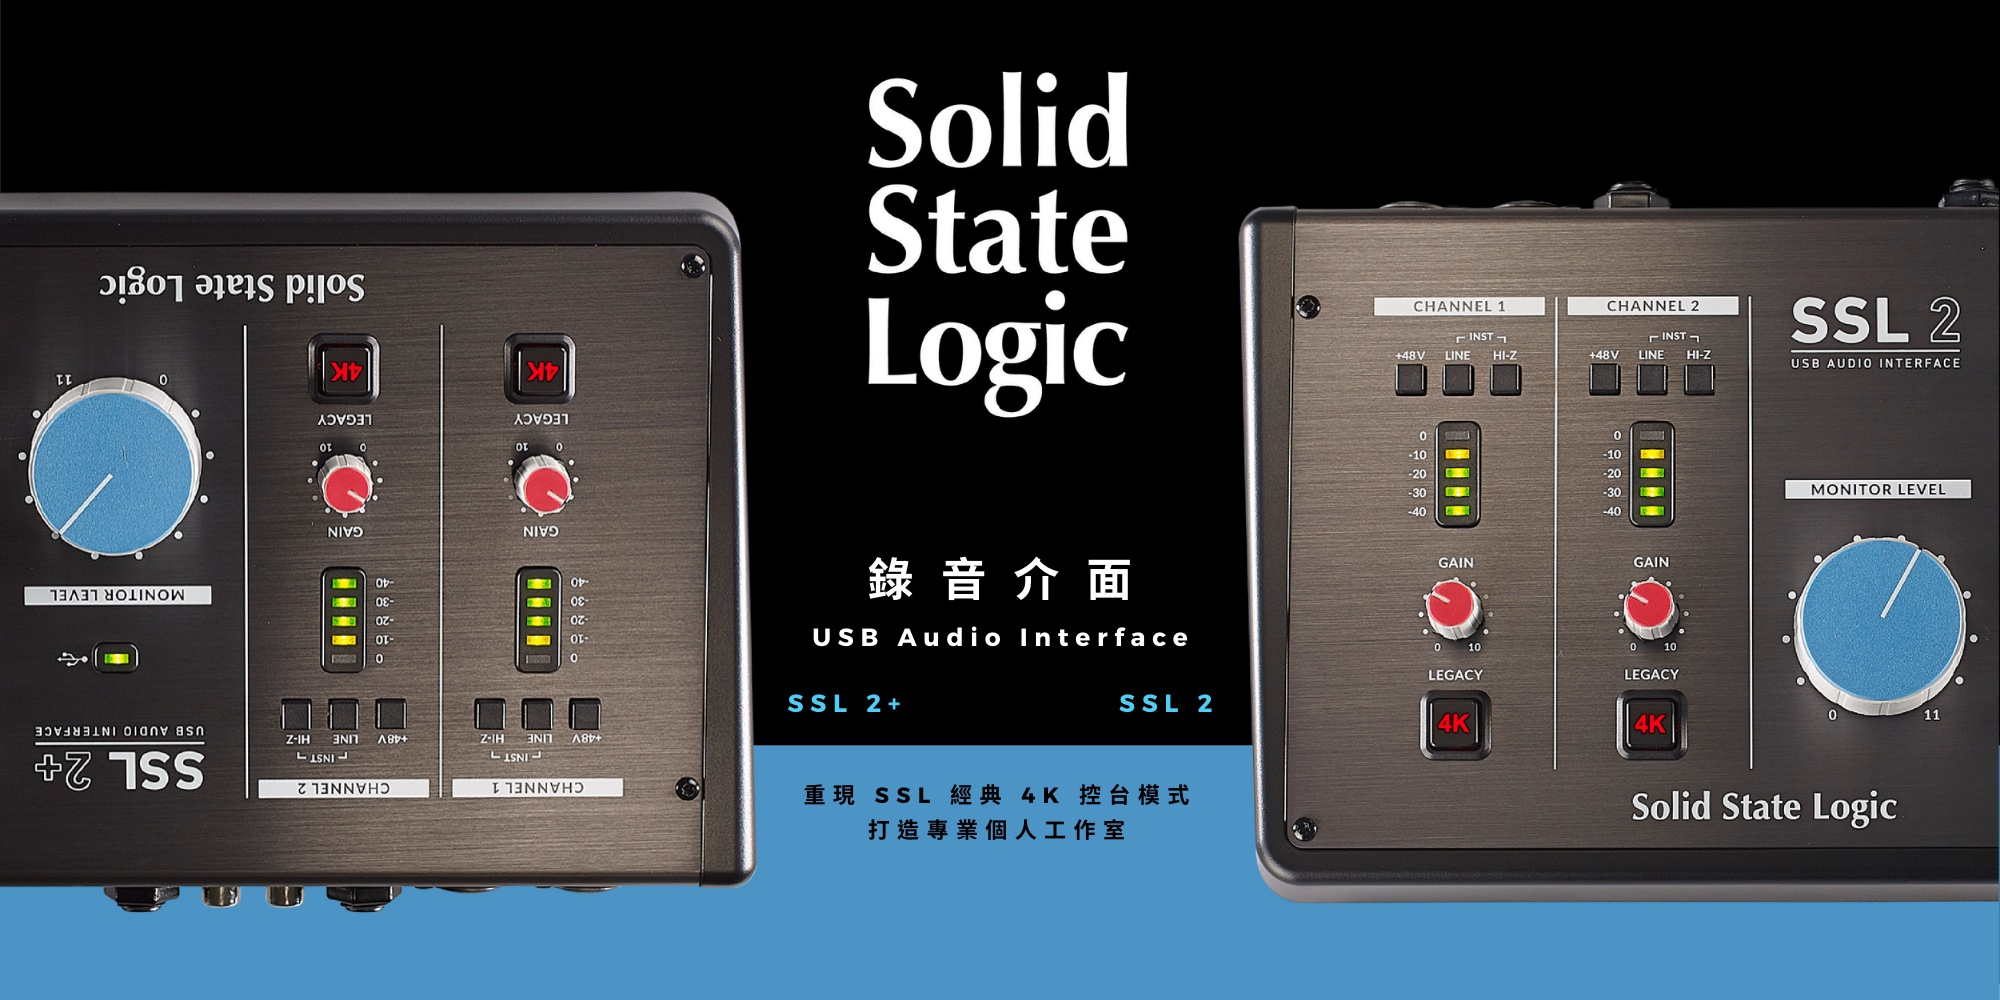 Solid State Logic - SSL 2 / SSL 2+